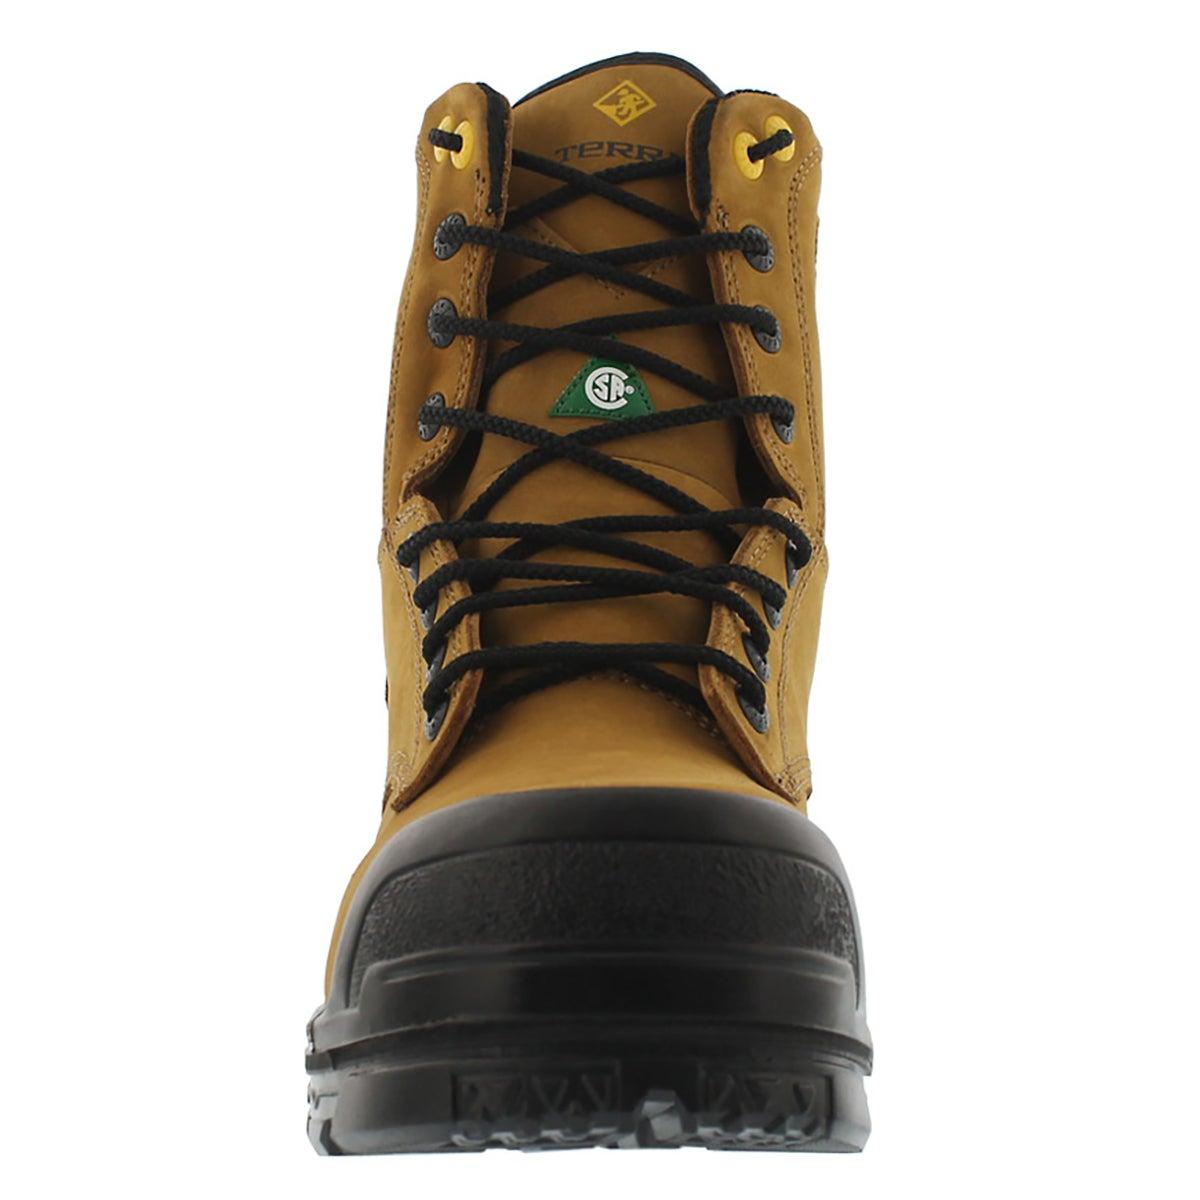 Men's Argo Wateproof CSA Boot - Tan